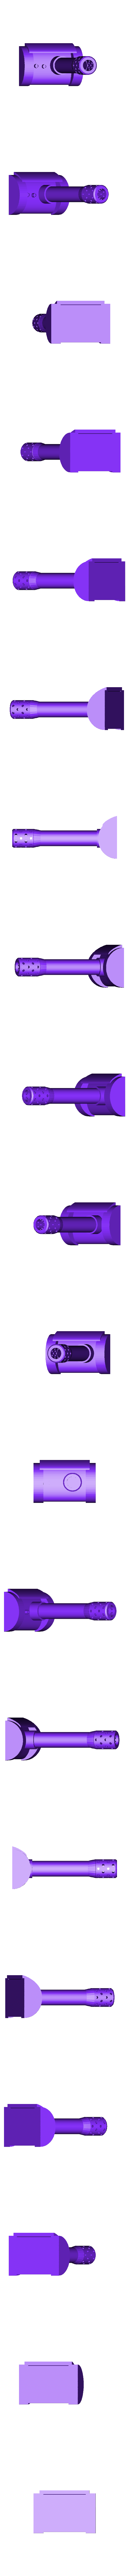 4_rad_AT_3.stl Télécharger fichier STL gratuit Options d'armes pour 4 Rad Sturmwagen • Objet pour imprimante 3D, redstarkits